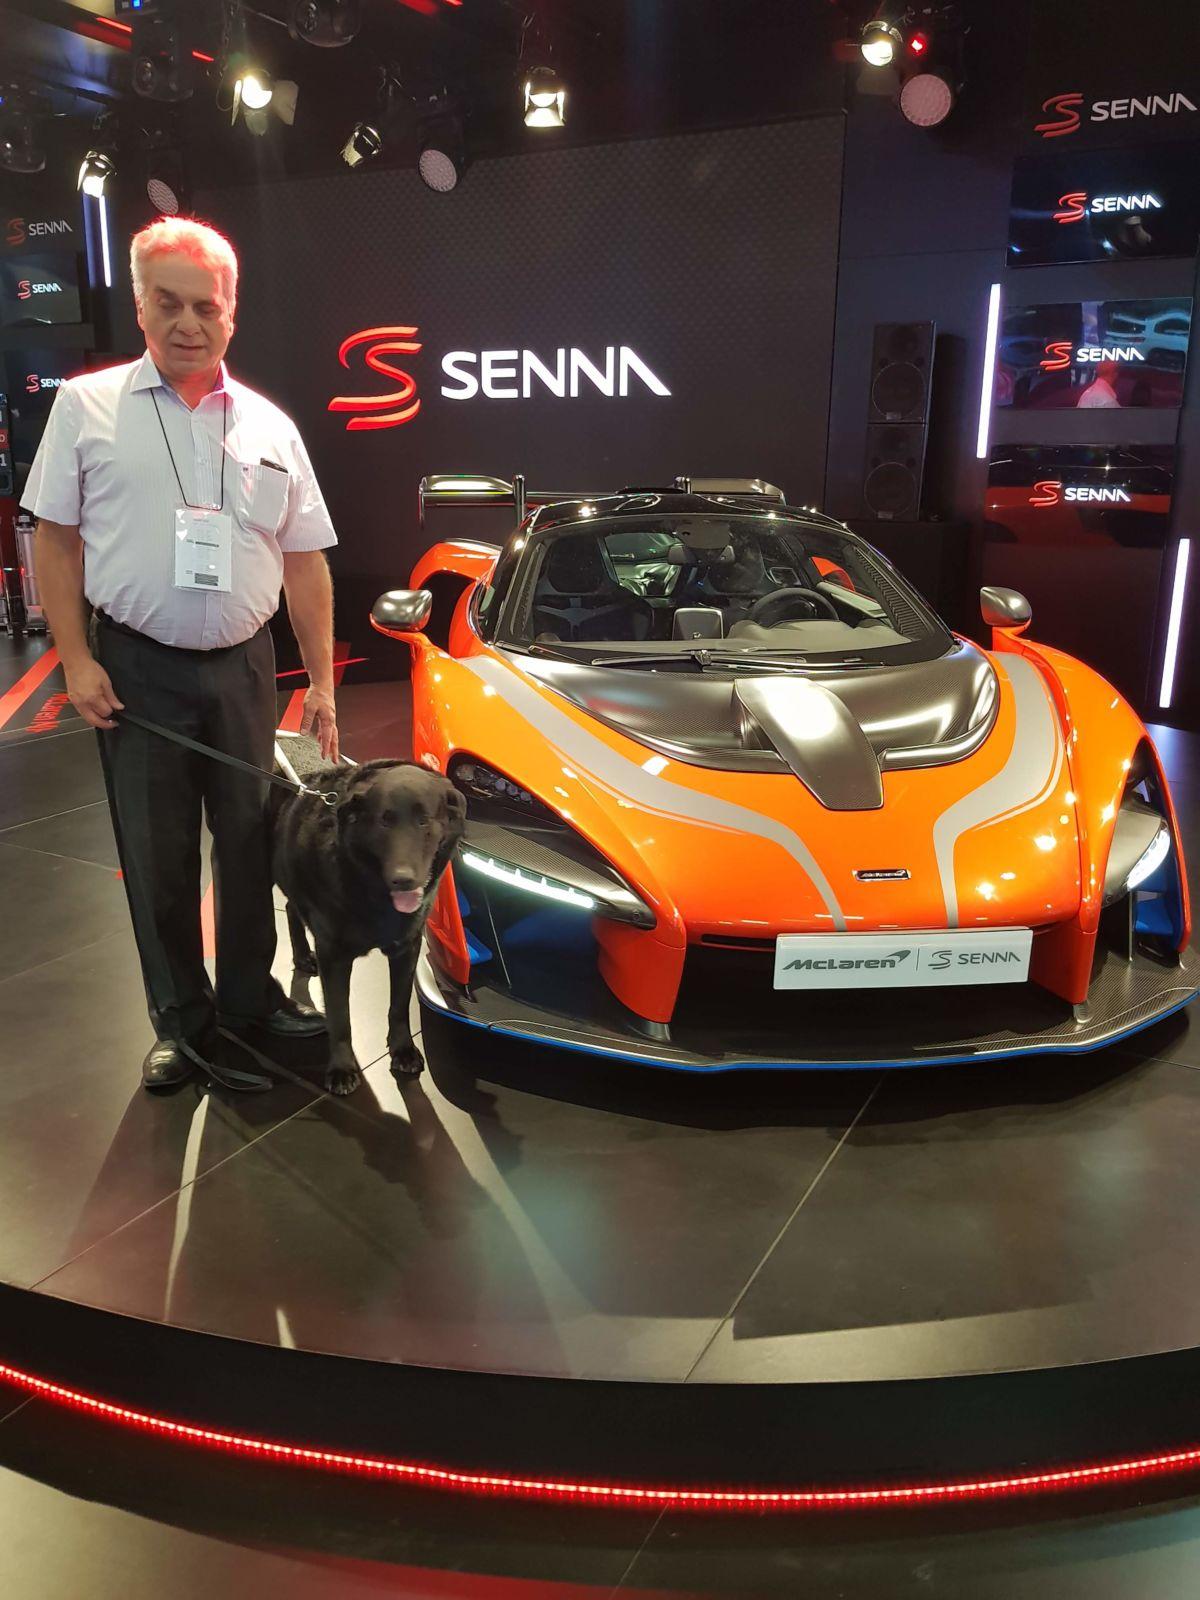 Luiz Alberto Melchert fez um test-drive sem dirigir o McLaren Senna exposto no Salão do Automóvel de São Paulo 2018